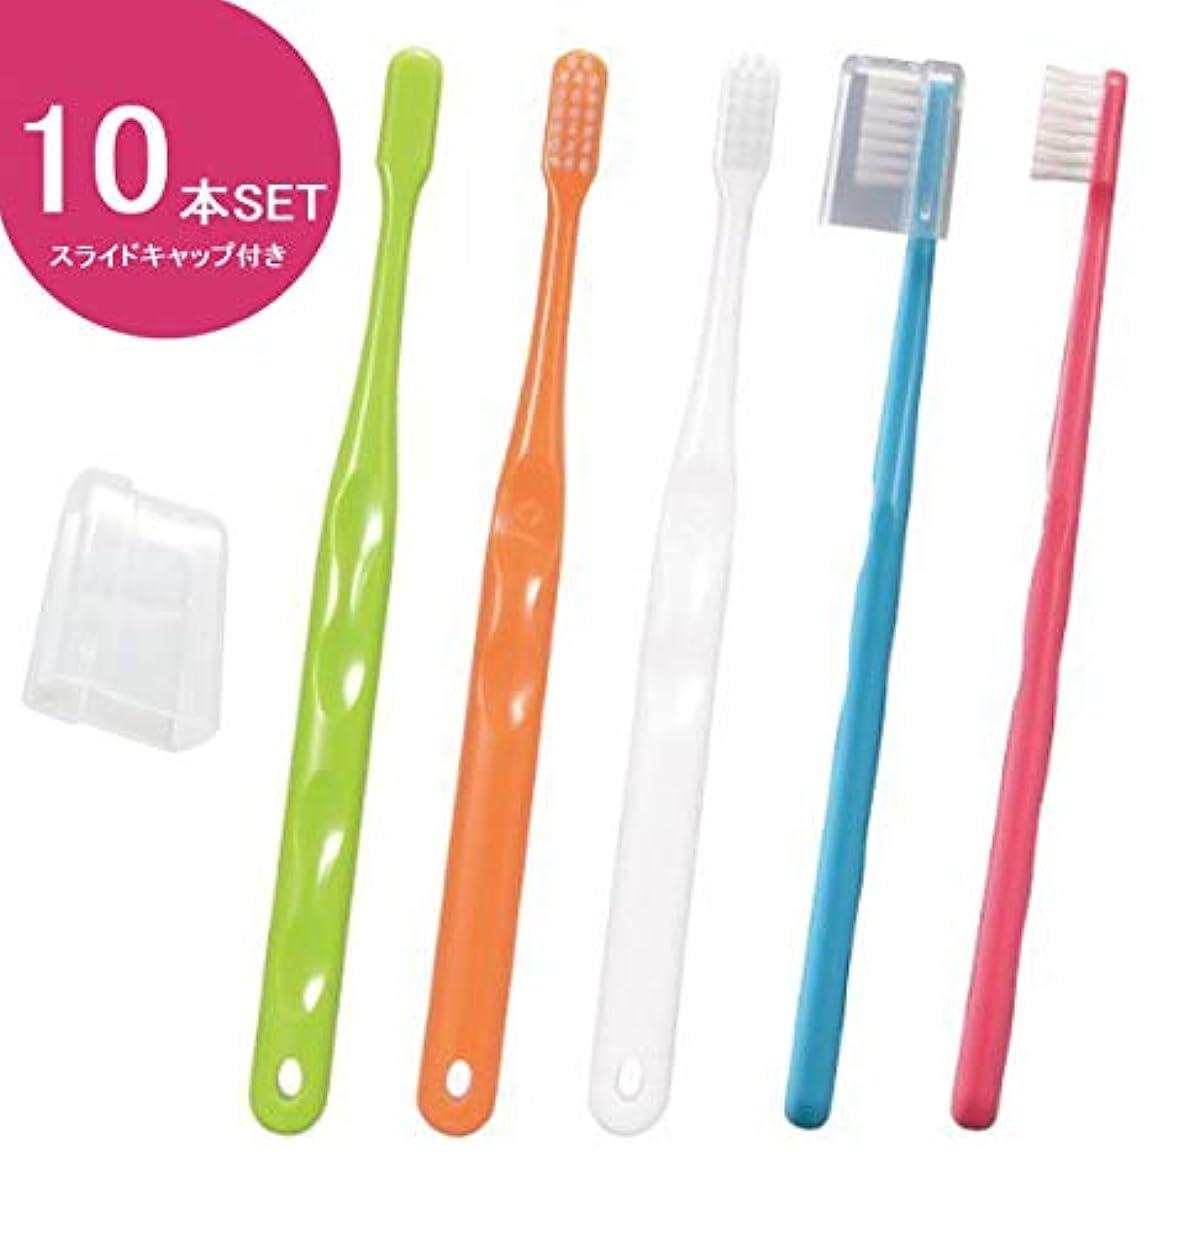 細胞痴漢以上Ciメディカル Ci700 (超先細+ラウンド毛) 歯ブラシ S(やわらかめ) スライドキャップ付き 10本